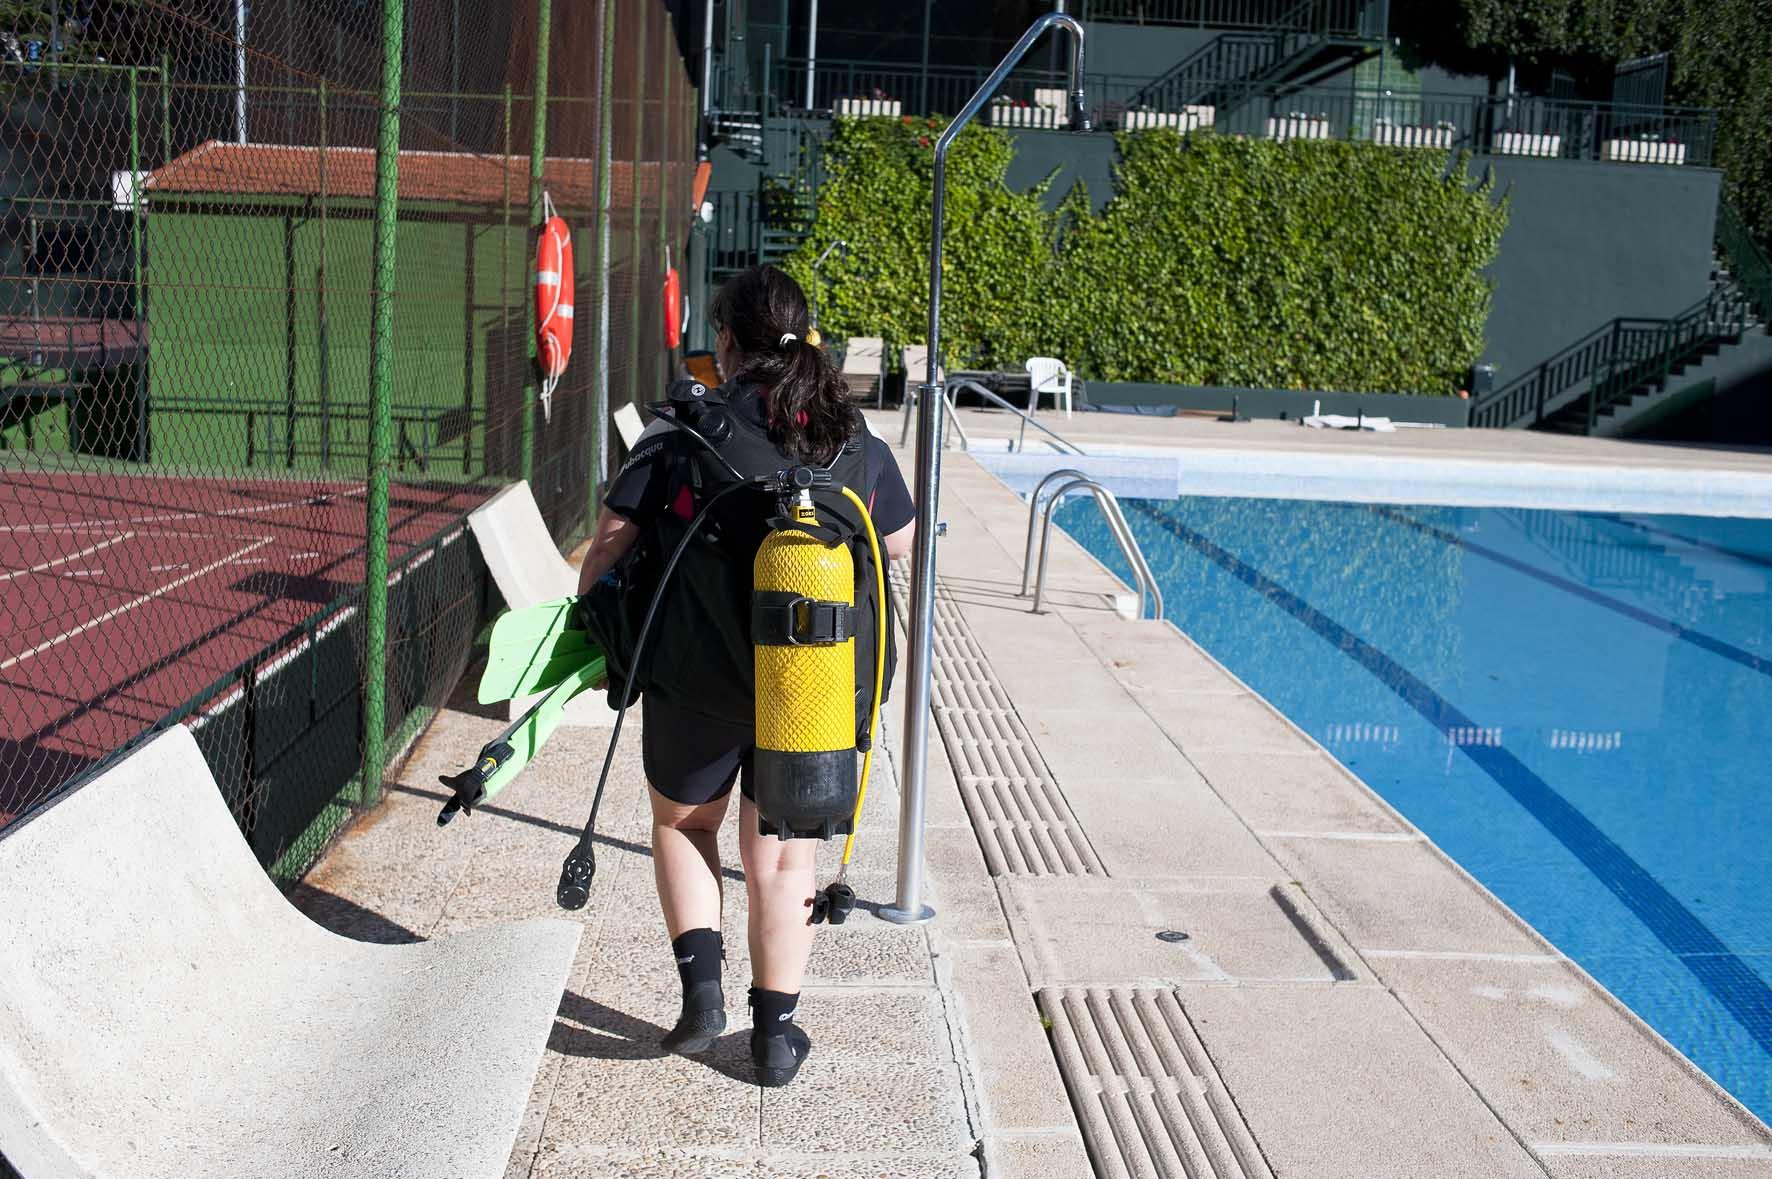 Bautismo de buceo en Madrid